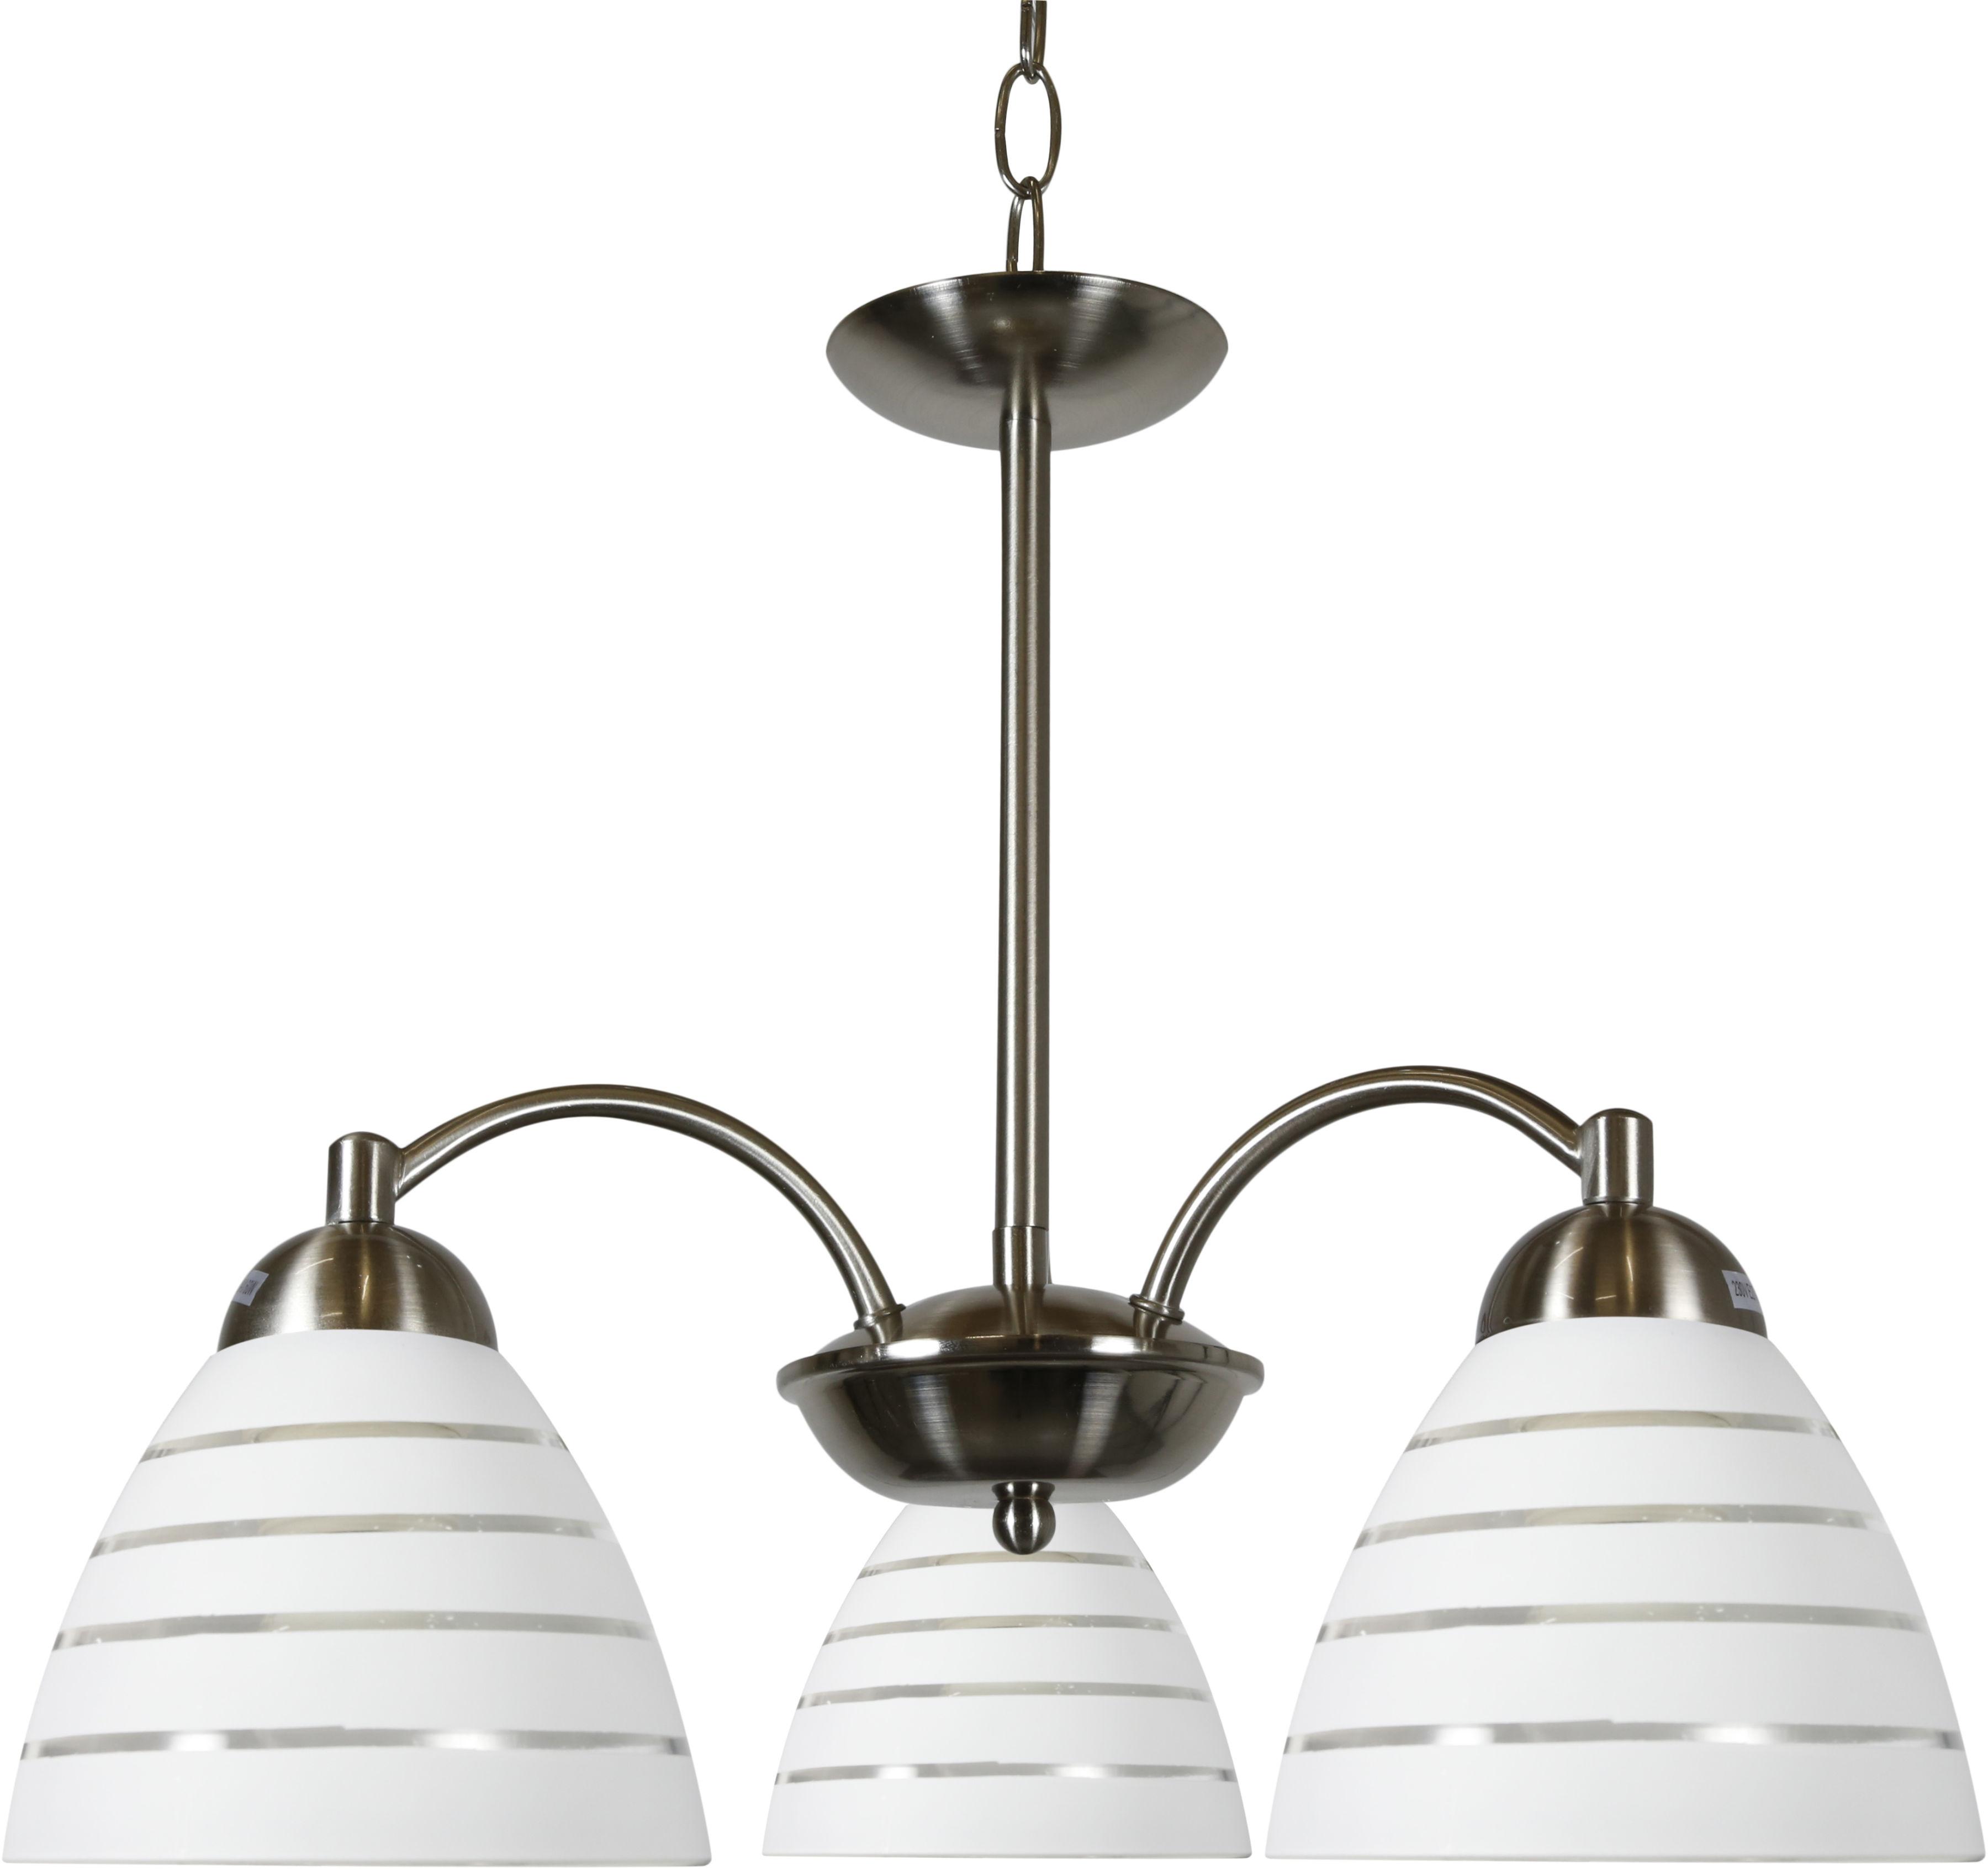 Candellux ULI 33-66152 lampa wisząca szklany klosz mleczny z paskiem 3X60W E27 satyna nikiel 52cm